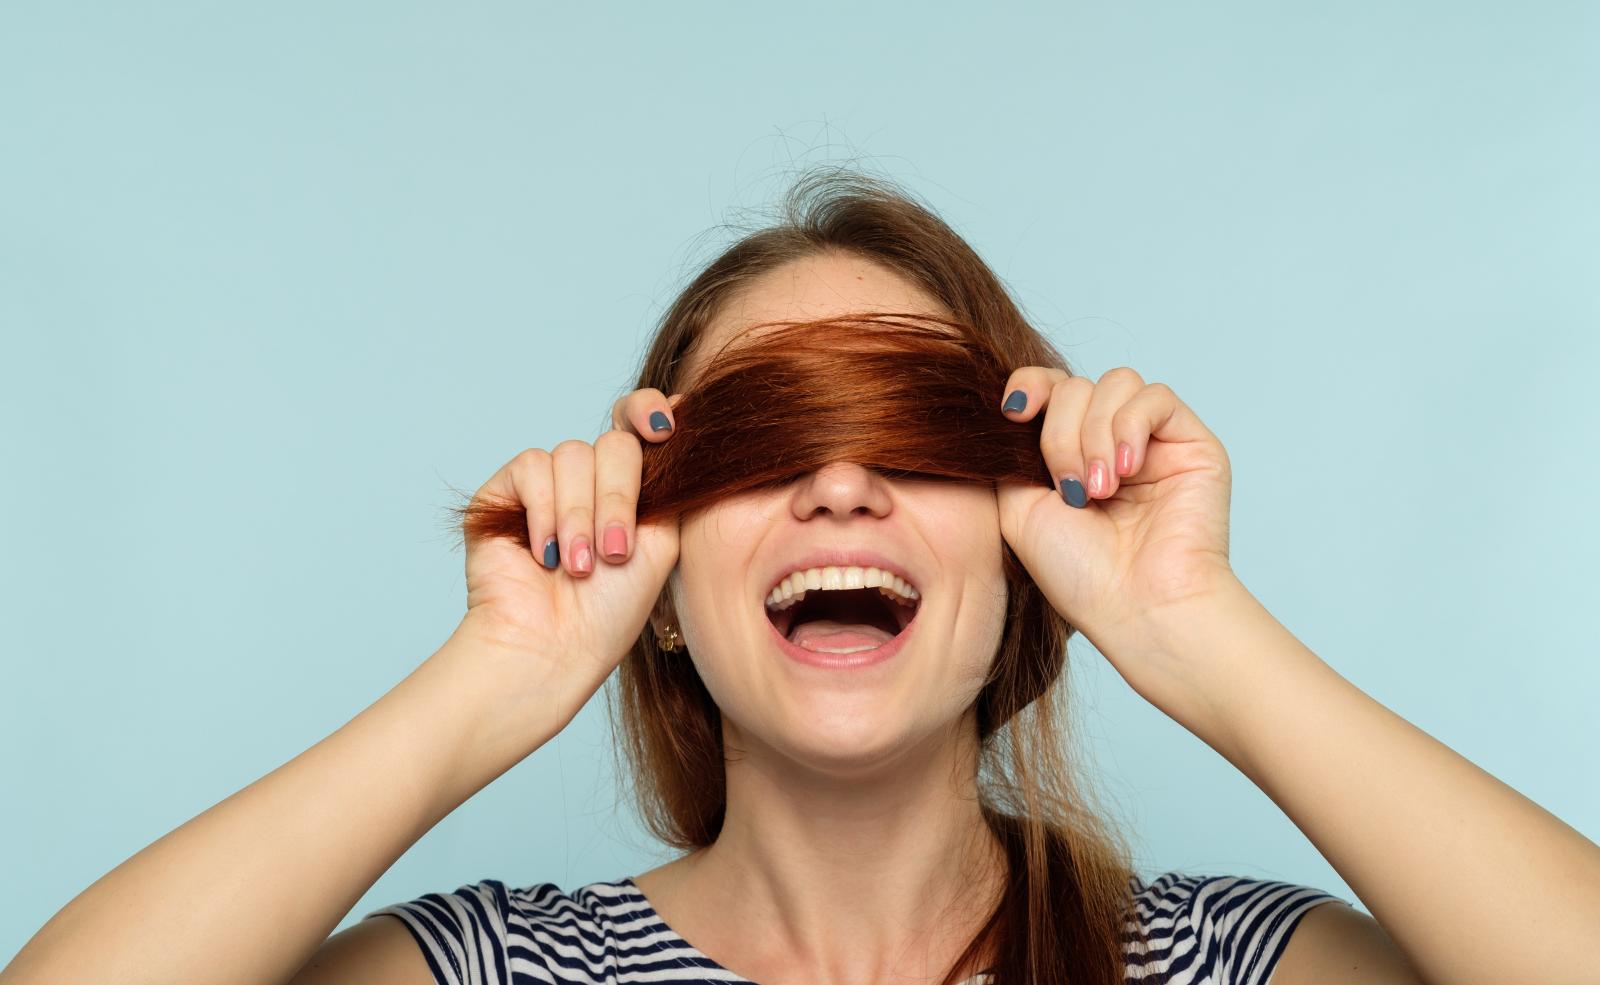 Gelegentlich kannst du zum Trockenshampoo greifen, das sollte aber nicht zur Mode werden - deine Kopfhaut dankt es dir.